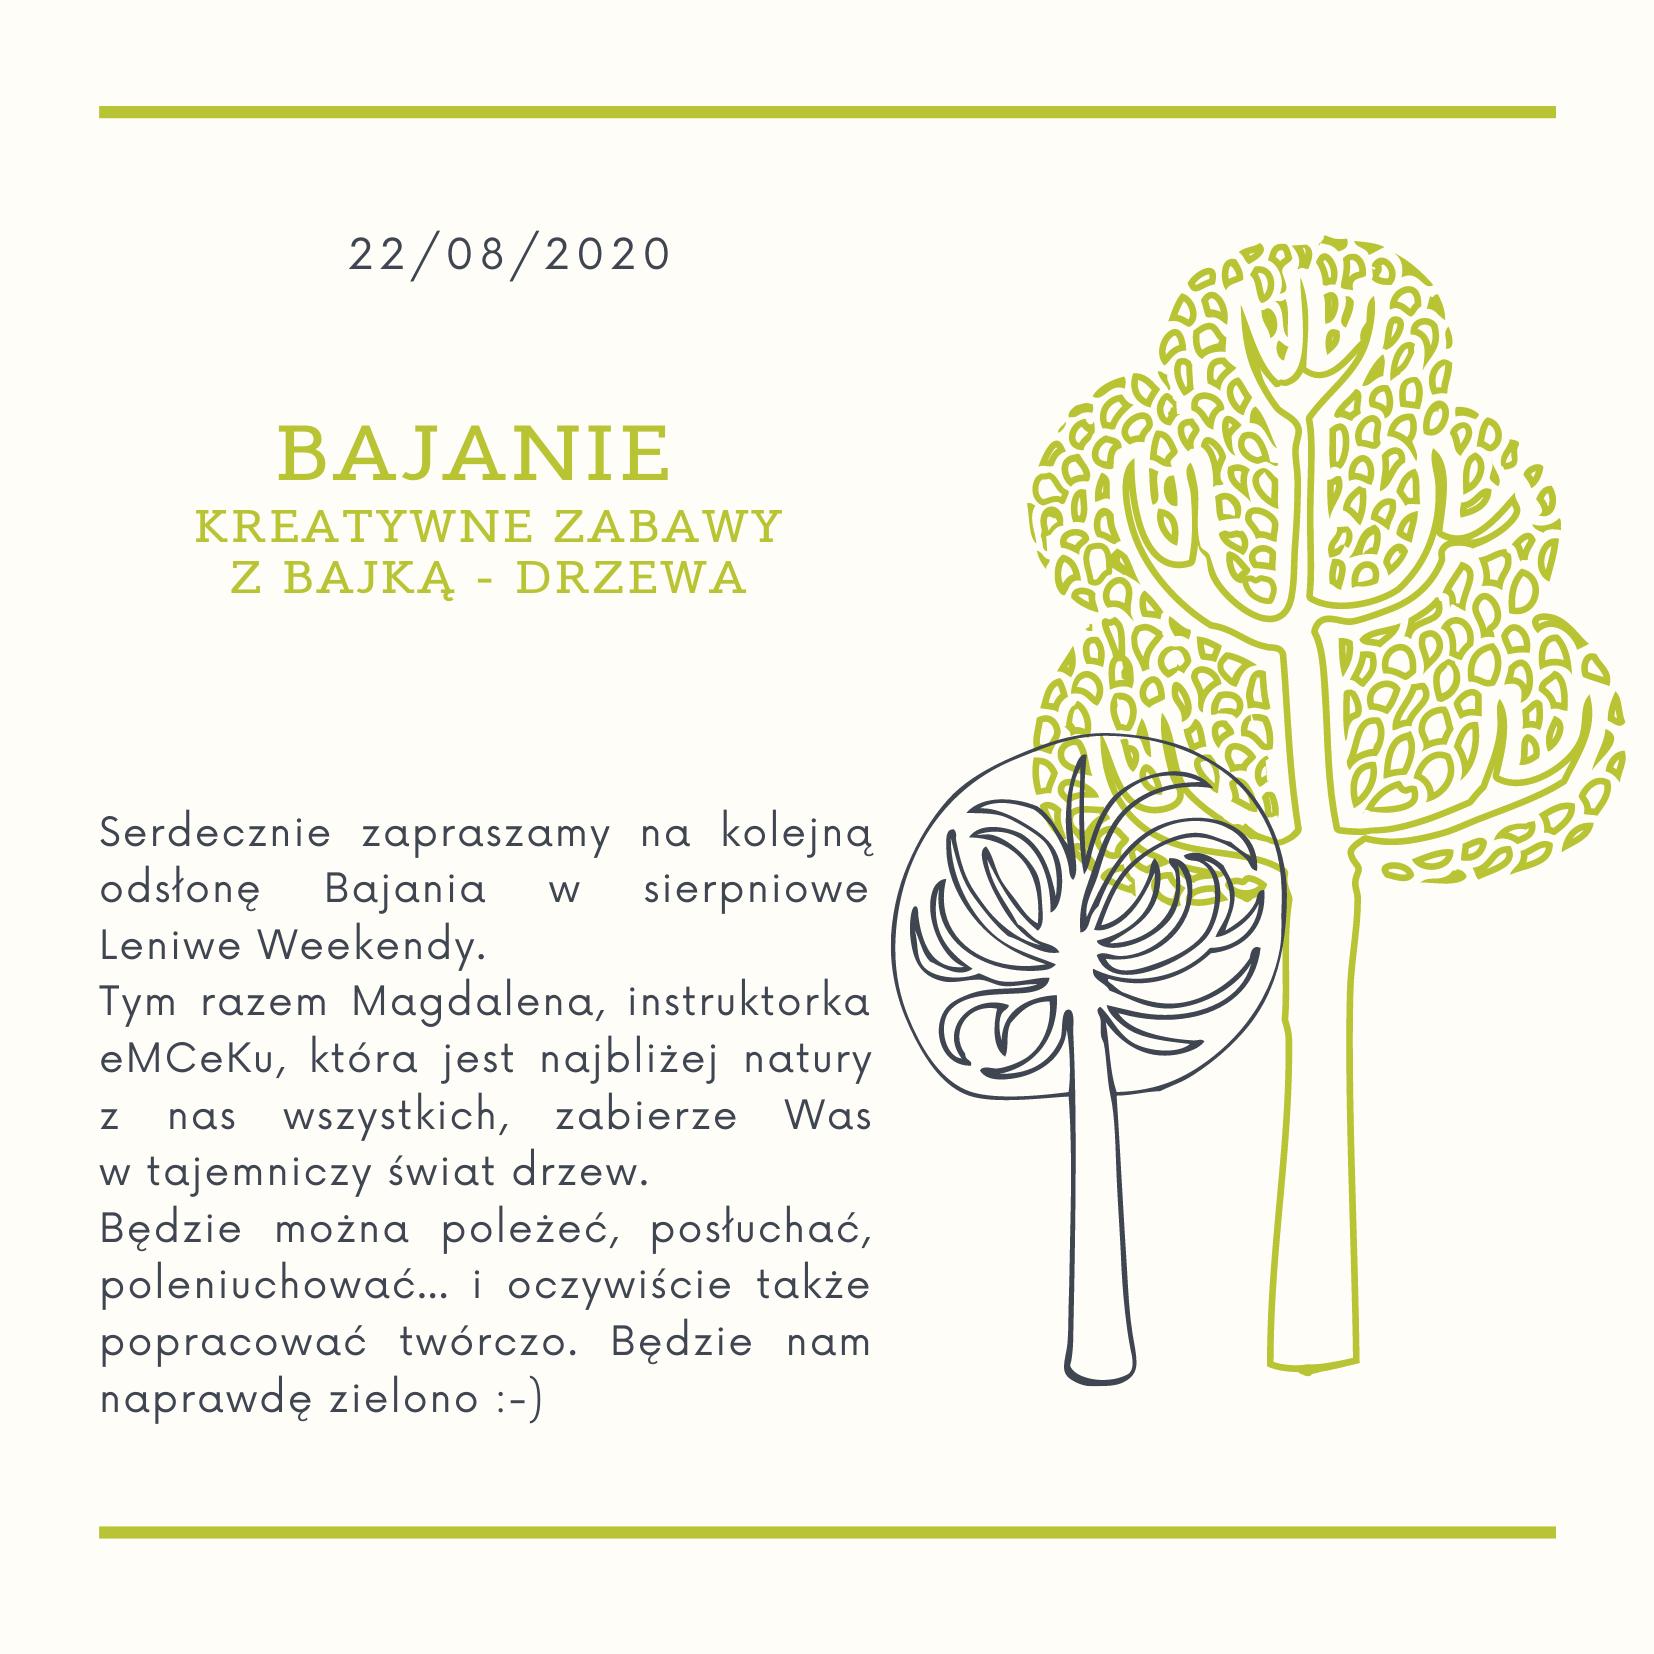 22/08 – Bajanie – kreatywne zabawy z bajką: Drzewa – Leniwe Weekendy